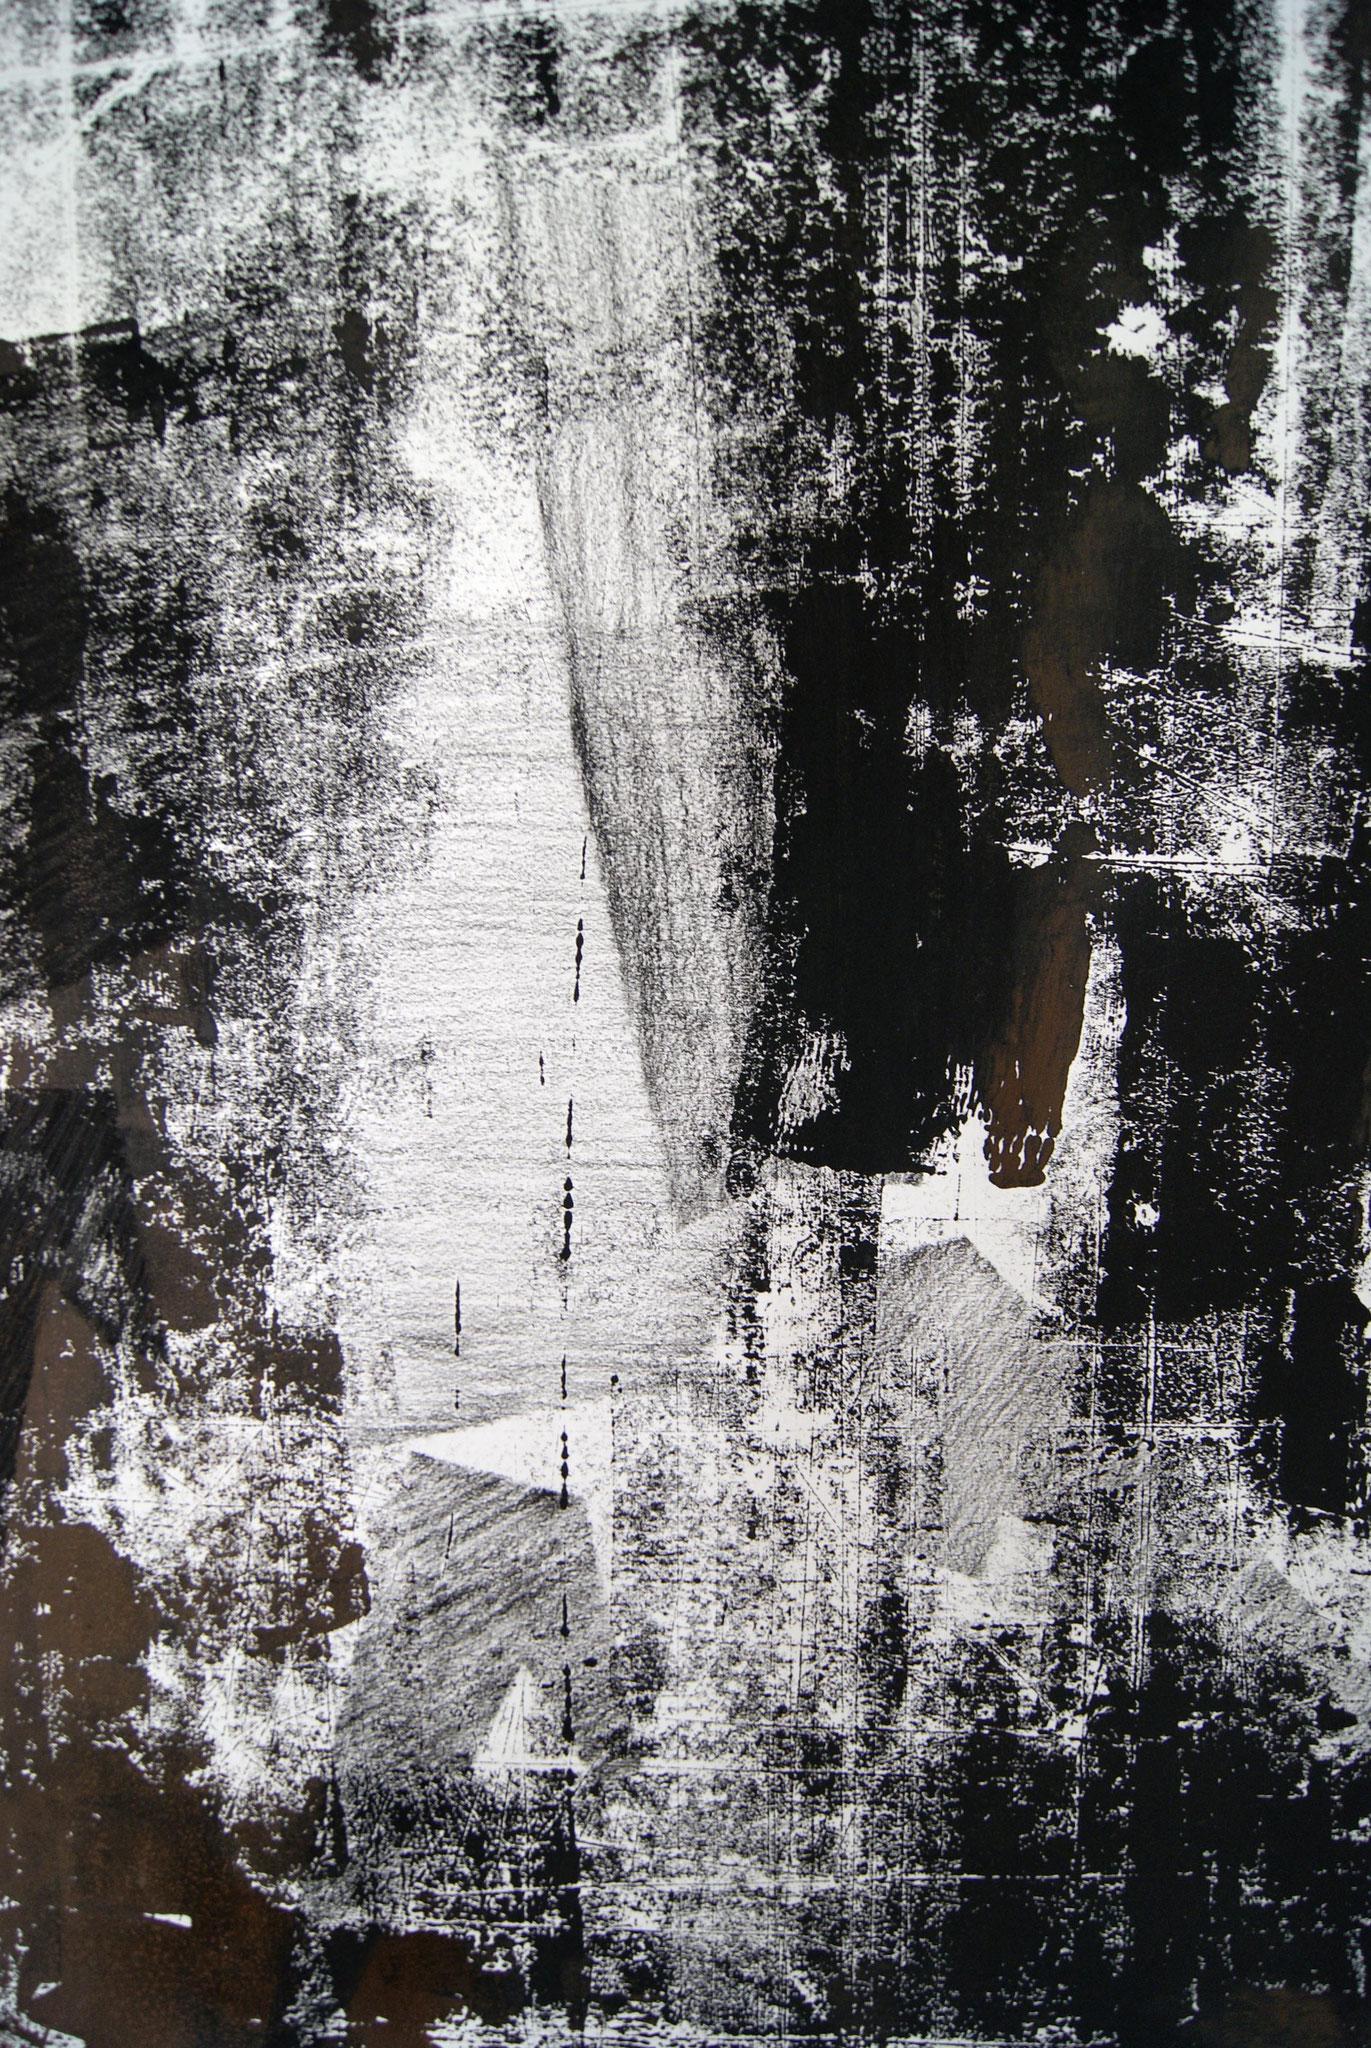 o.T. III, 2017, detail, 250 x 150cm linolprint